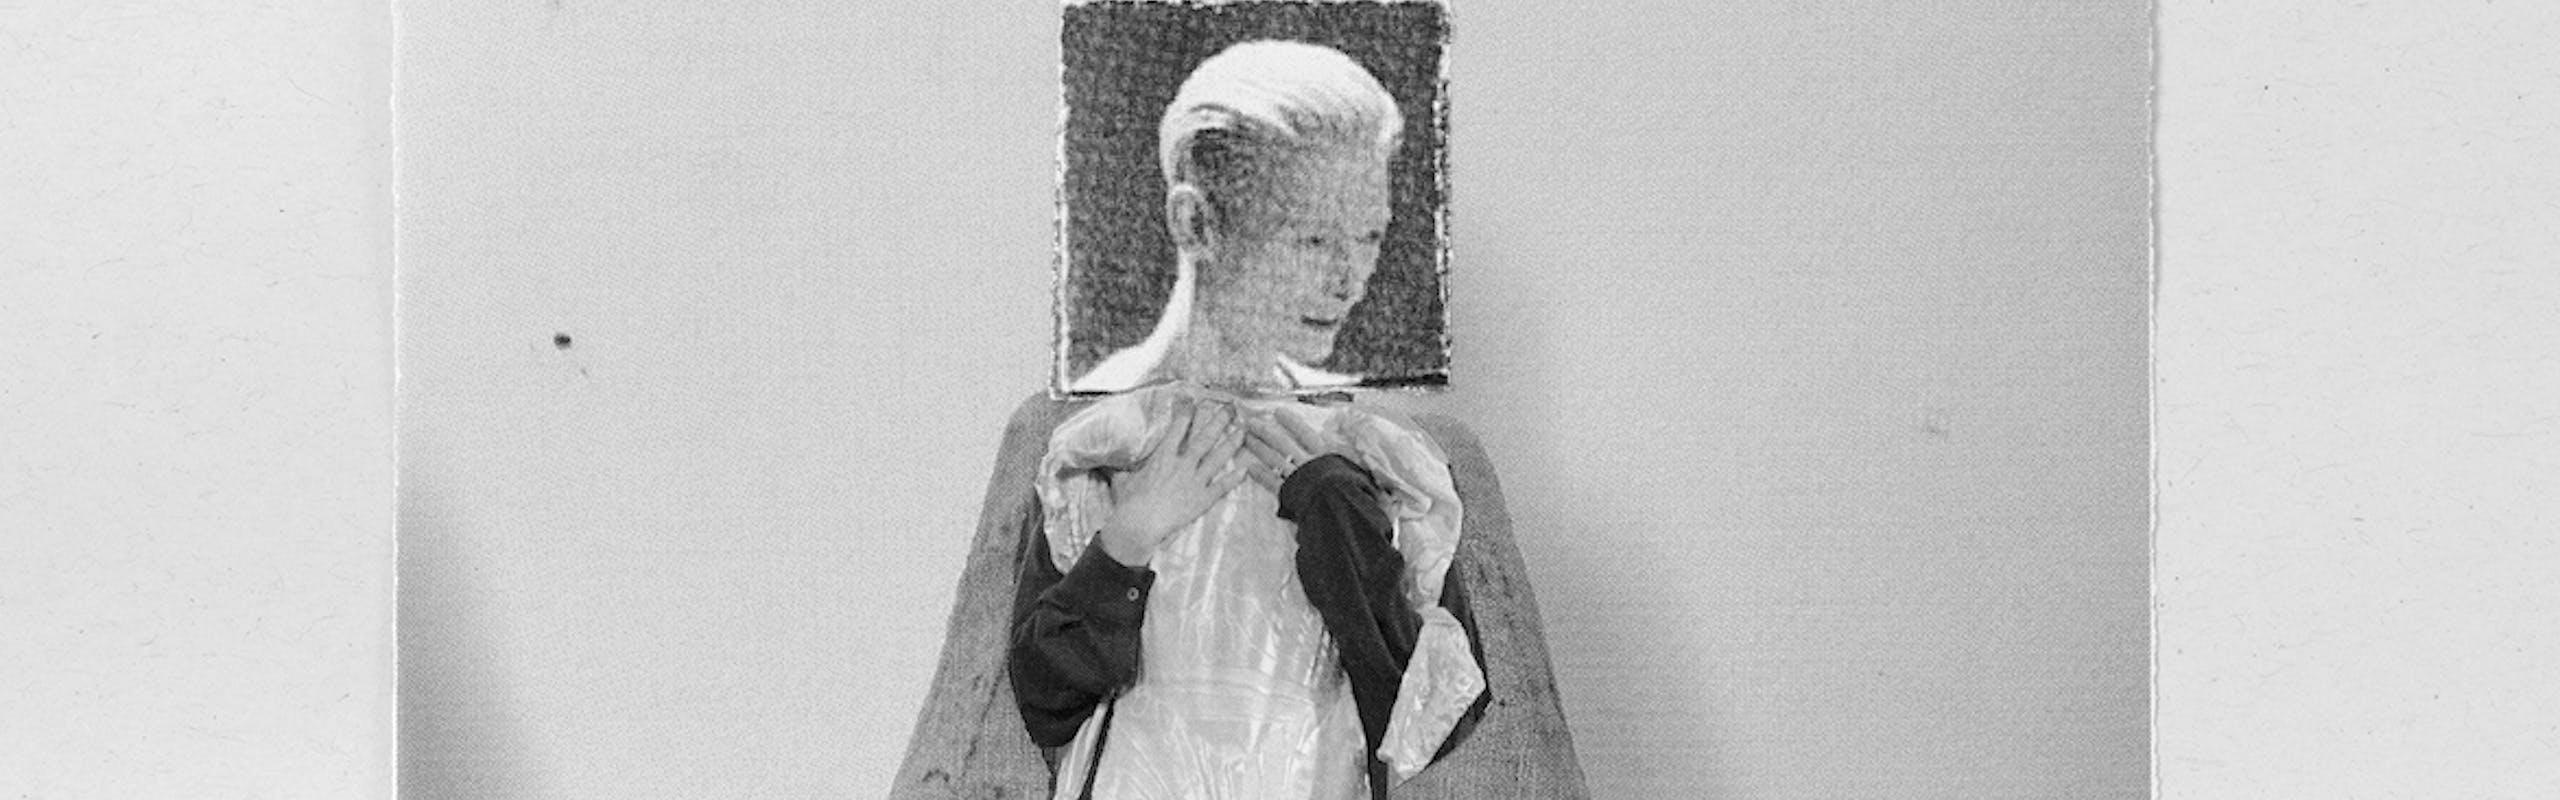 Tilda Swinton in EMBODING PASOLINI la performance ideata con Olivier Saillard